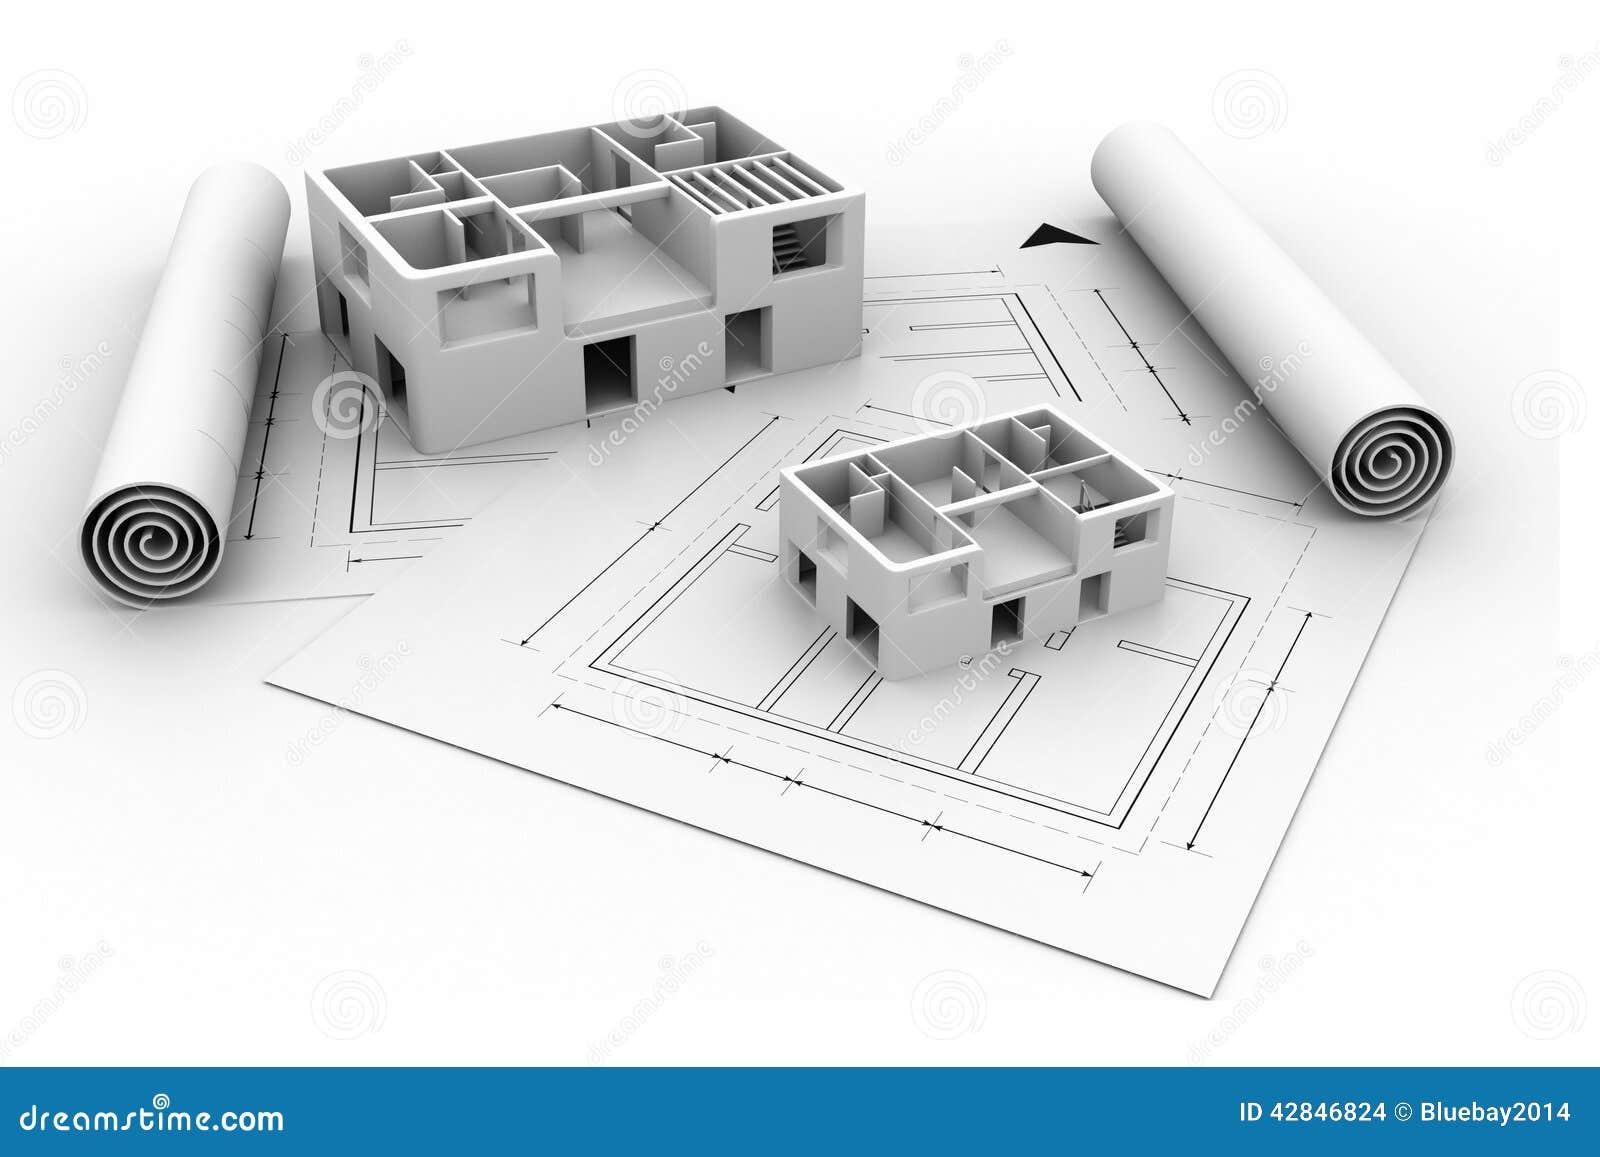 3d Architecture House Blue Print Plan